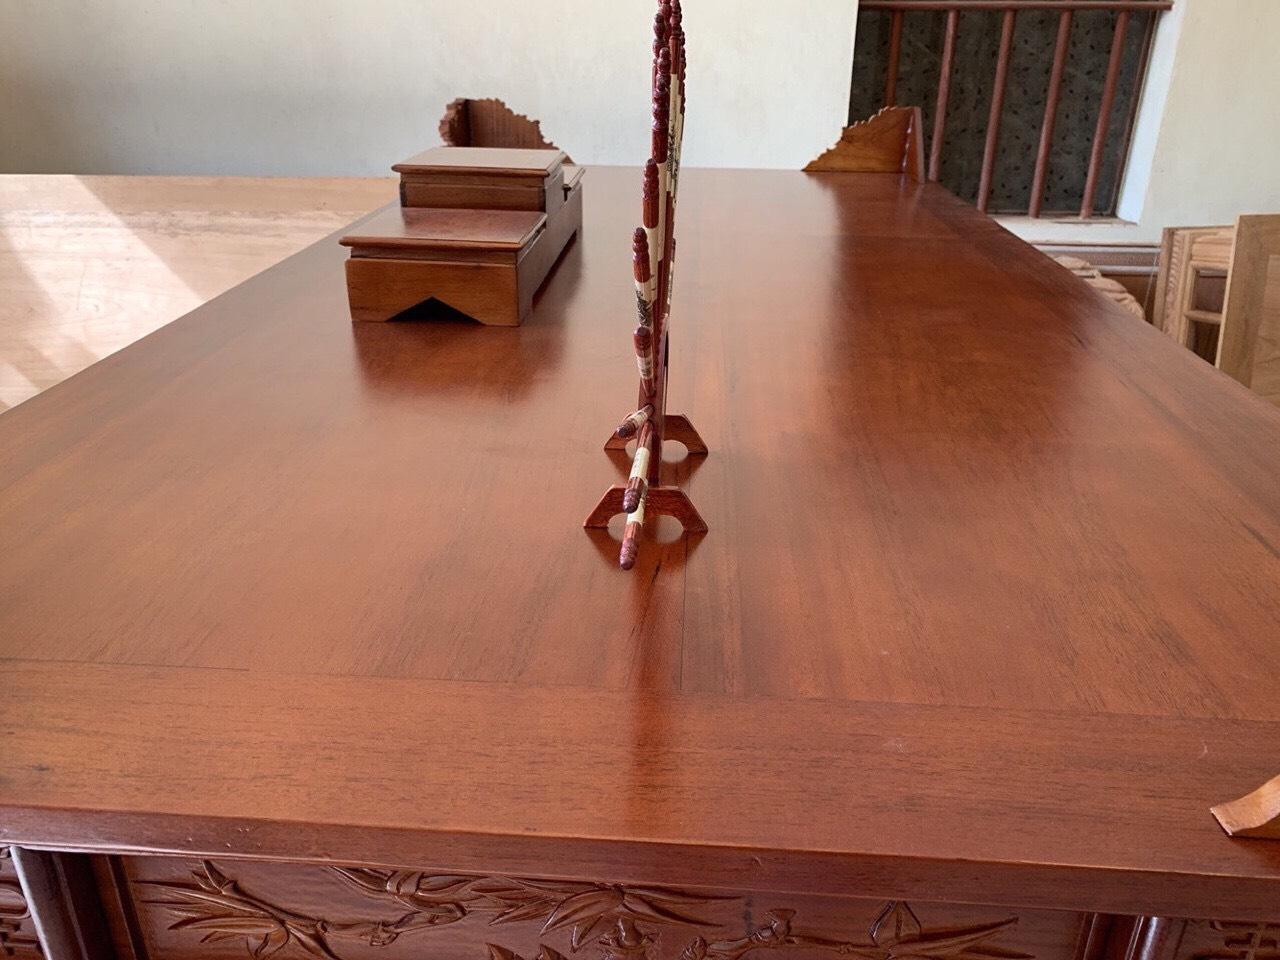 van mat - Sập thờ gỗ gụ chân 22 chạm Mai Điểu